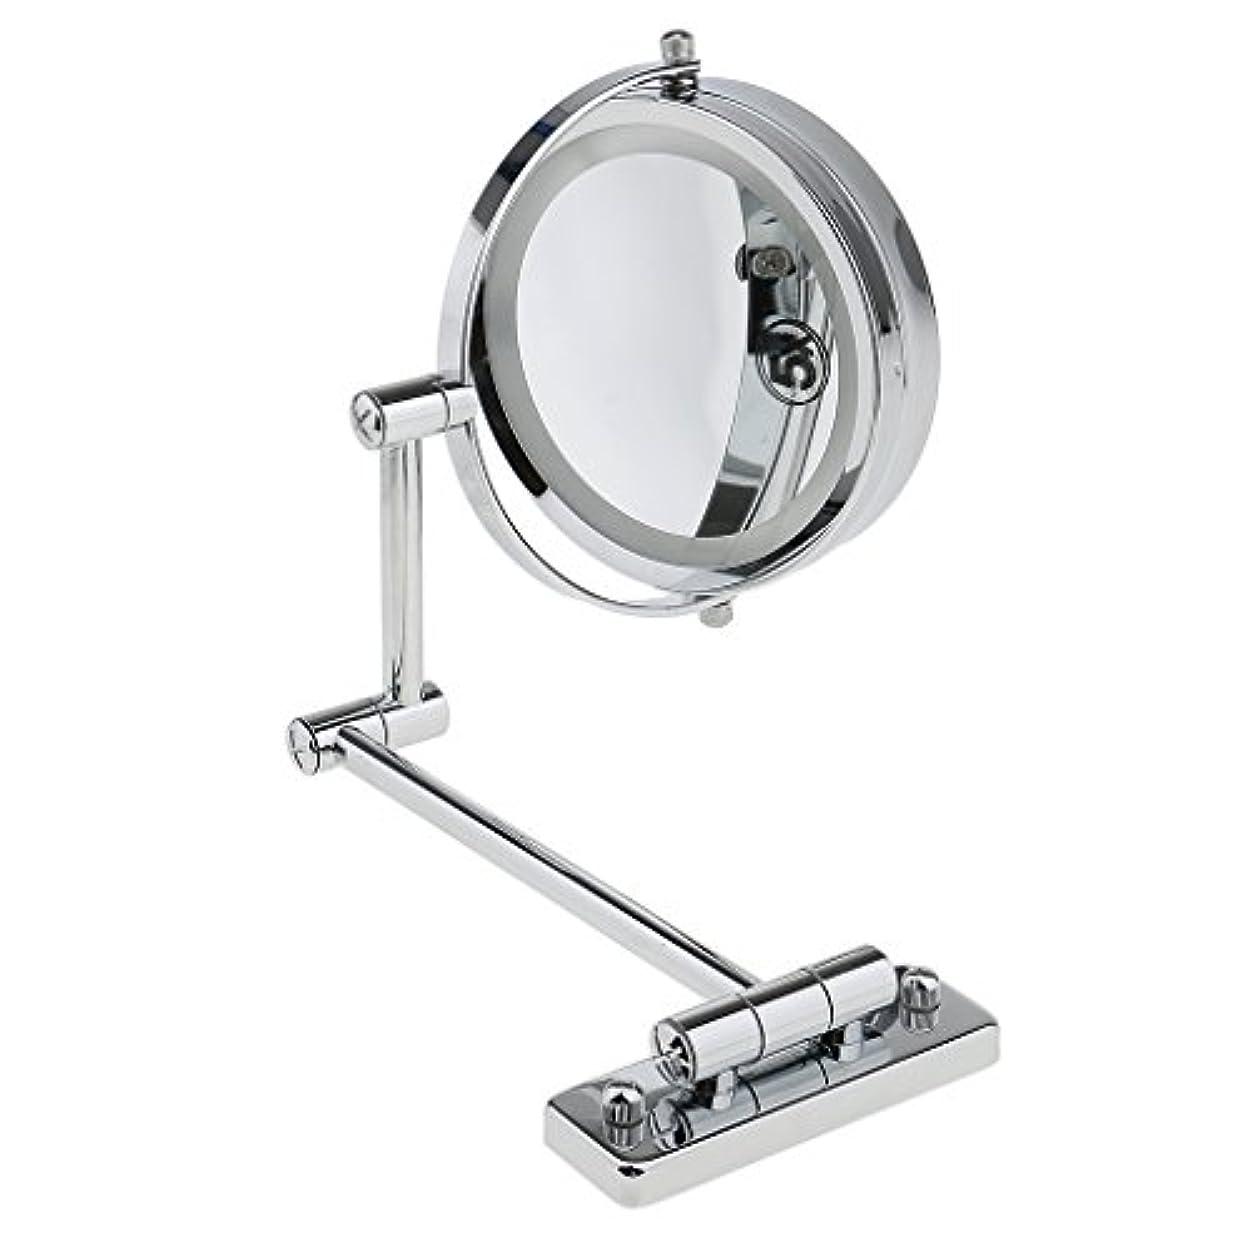 誤解する拒絶騒々しいSMDライト 両面ミラー 壁掛け式 5倍拡大鏡 360度回転 エチケットチェック